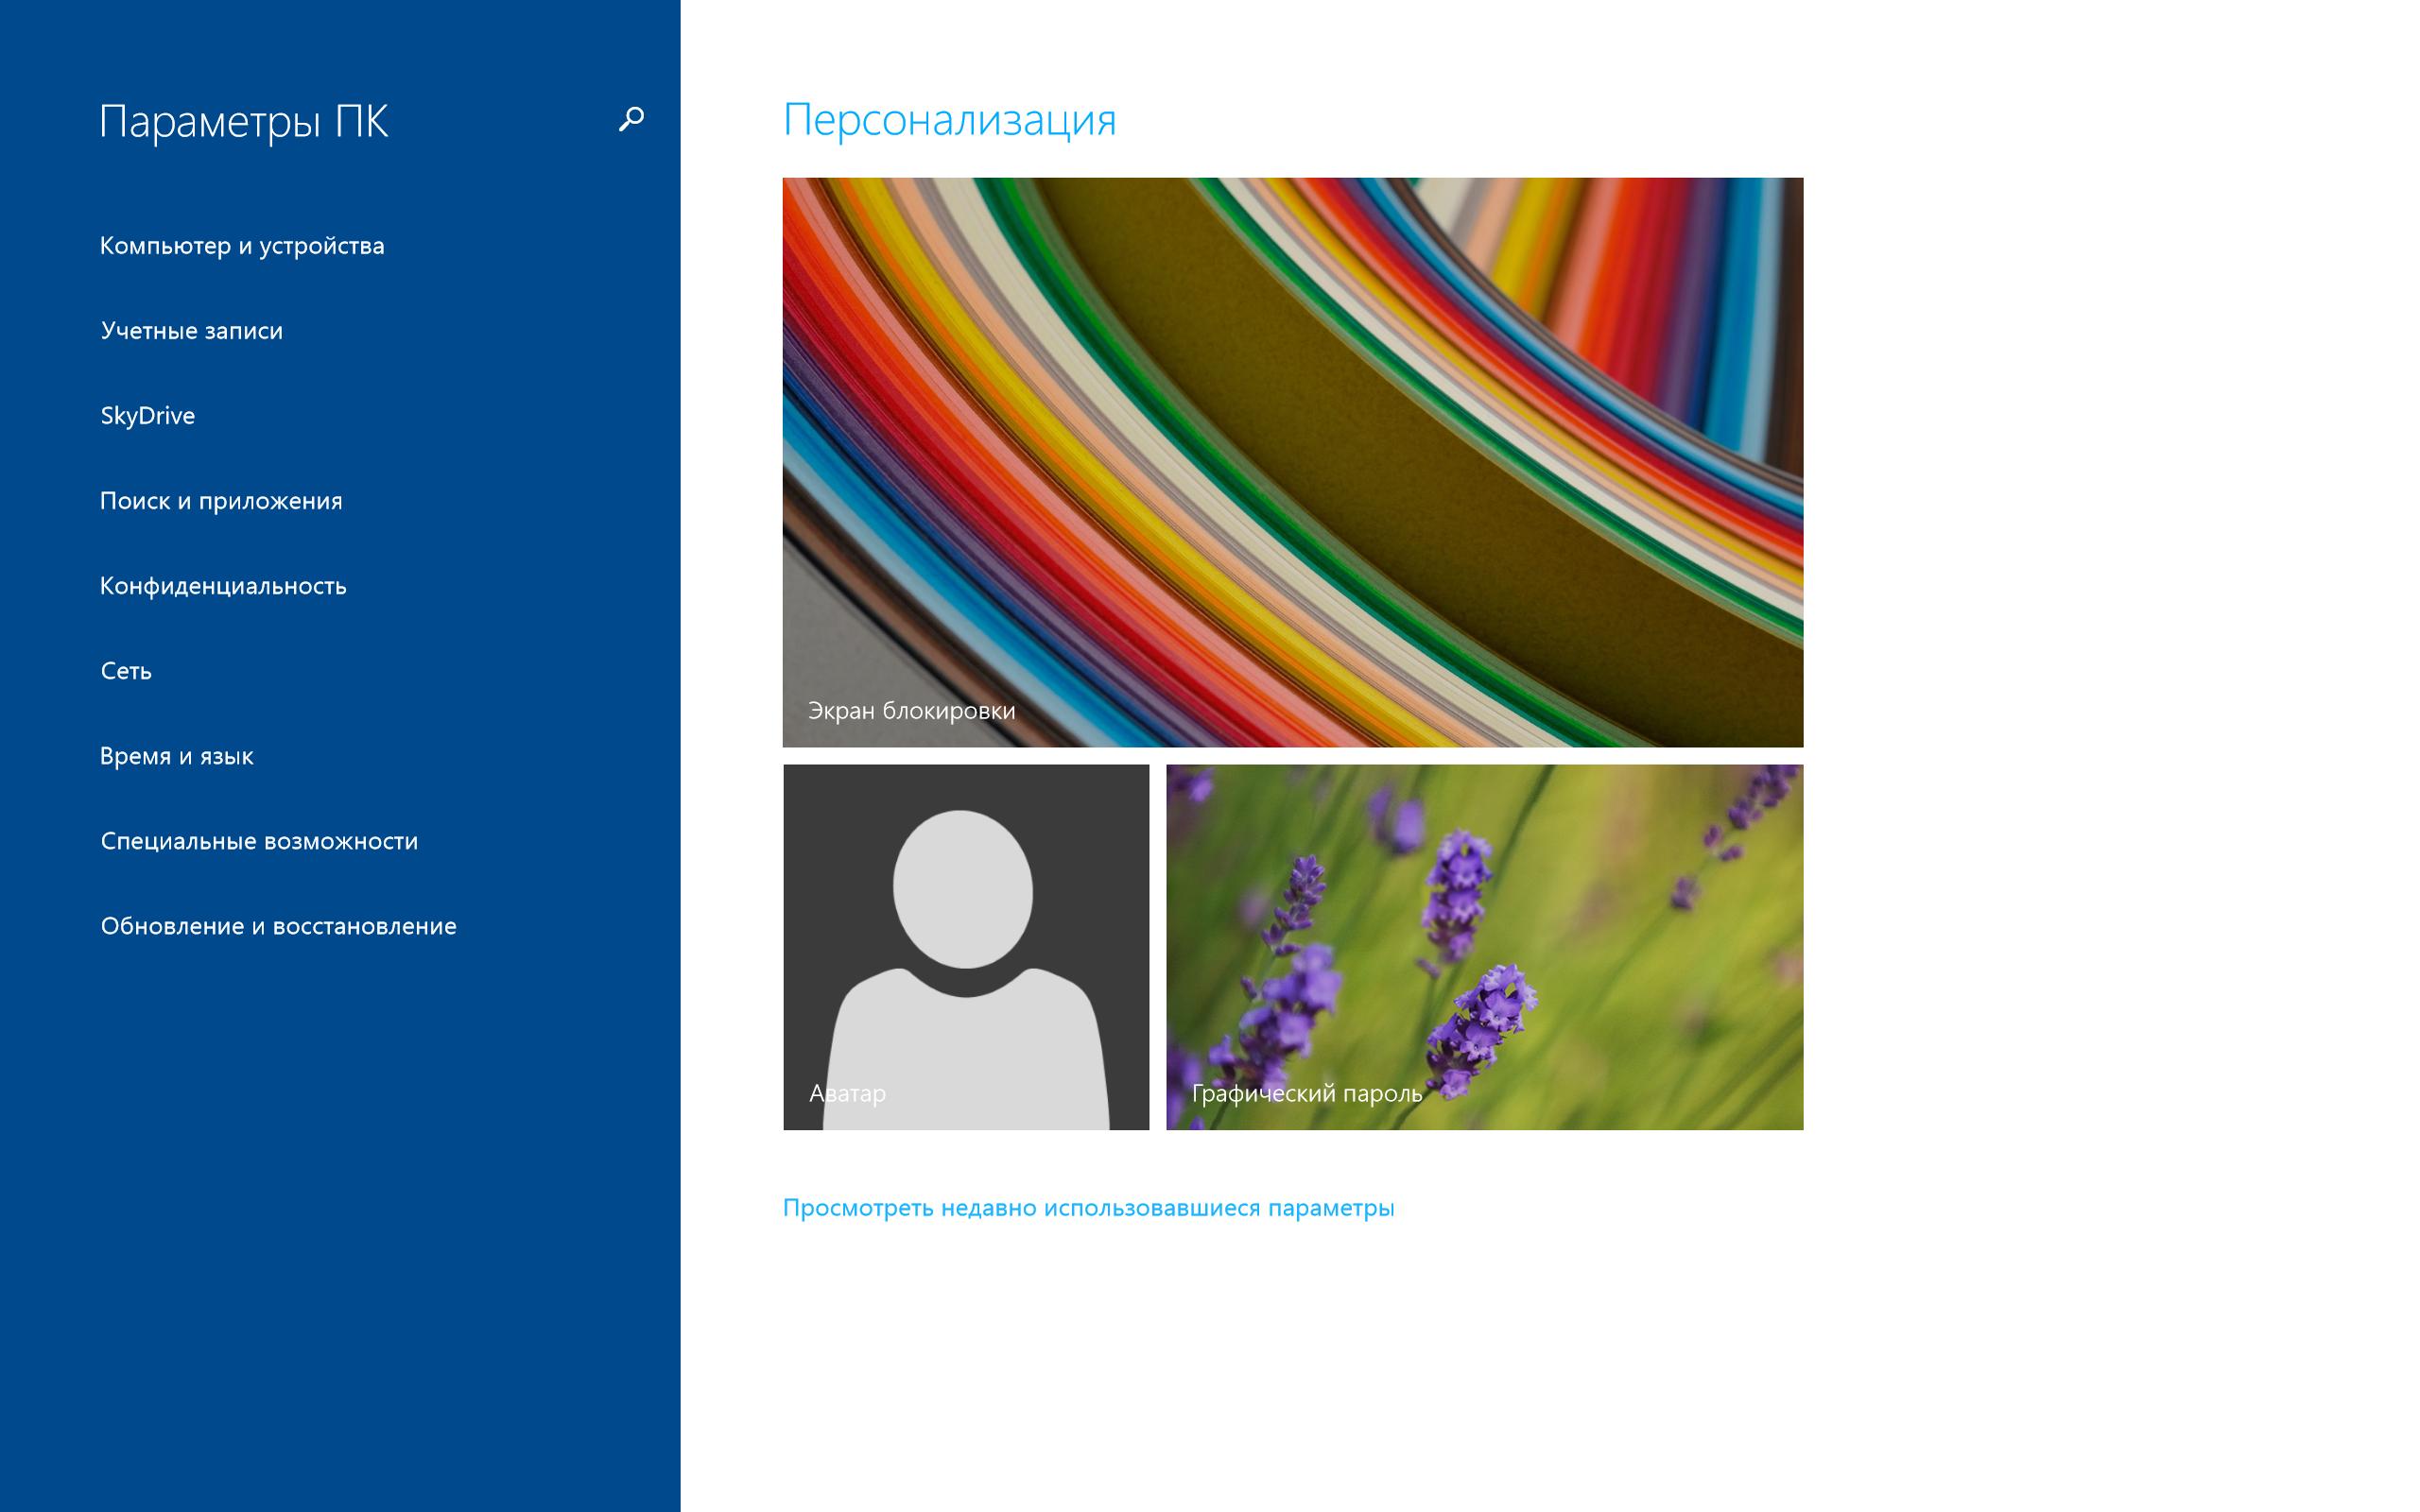 Driver Easycap Windows 7 64 Bit Download